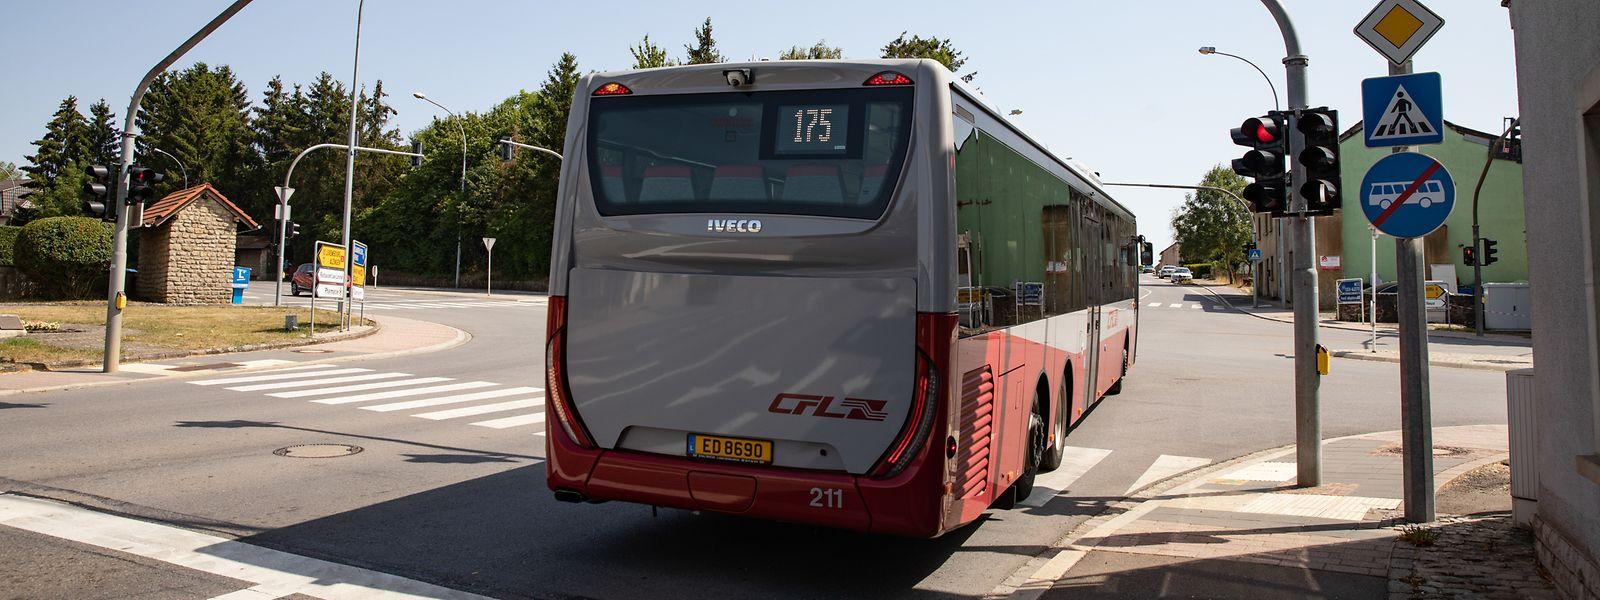 Freie Fahrt an allen Kreuzungen: Ein neues System soll Bussen auf wichtigen Verkehrsachsen stets grüne Ampeln bescheren.